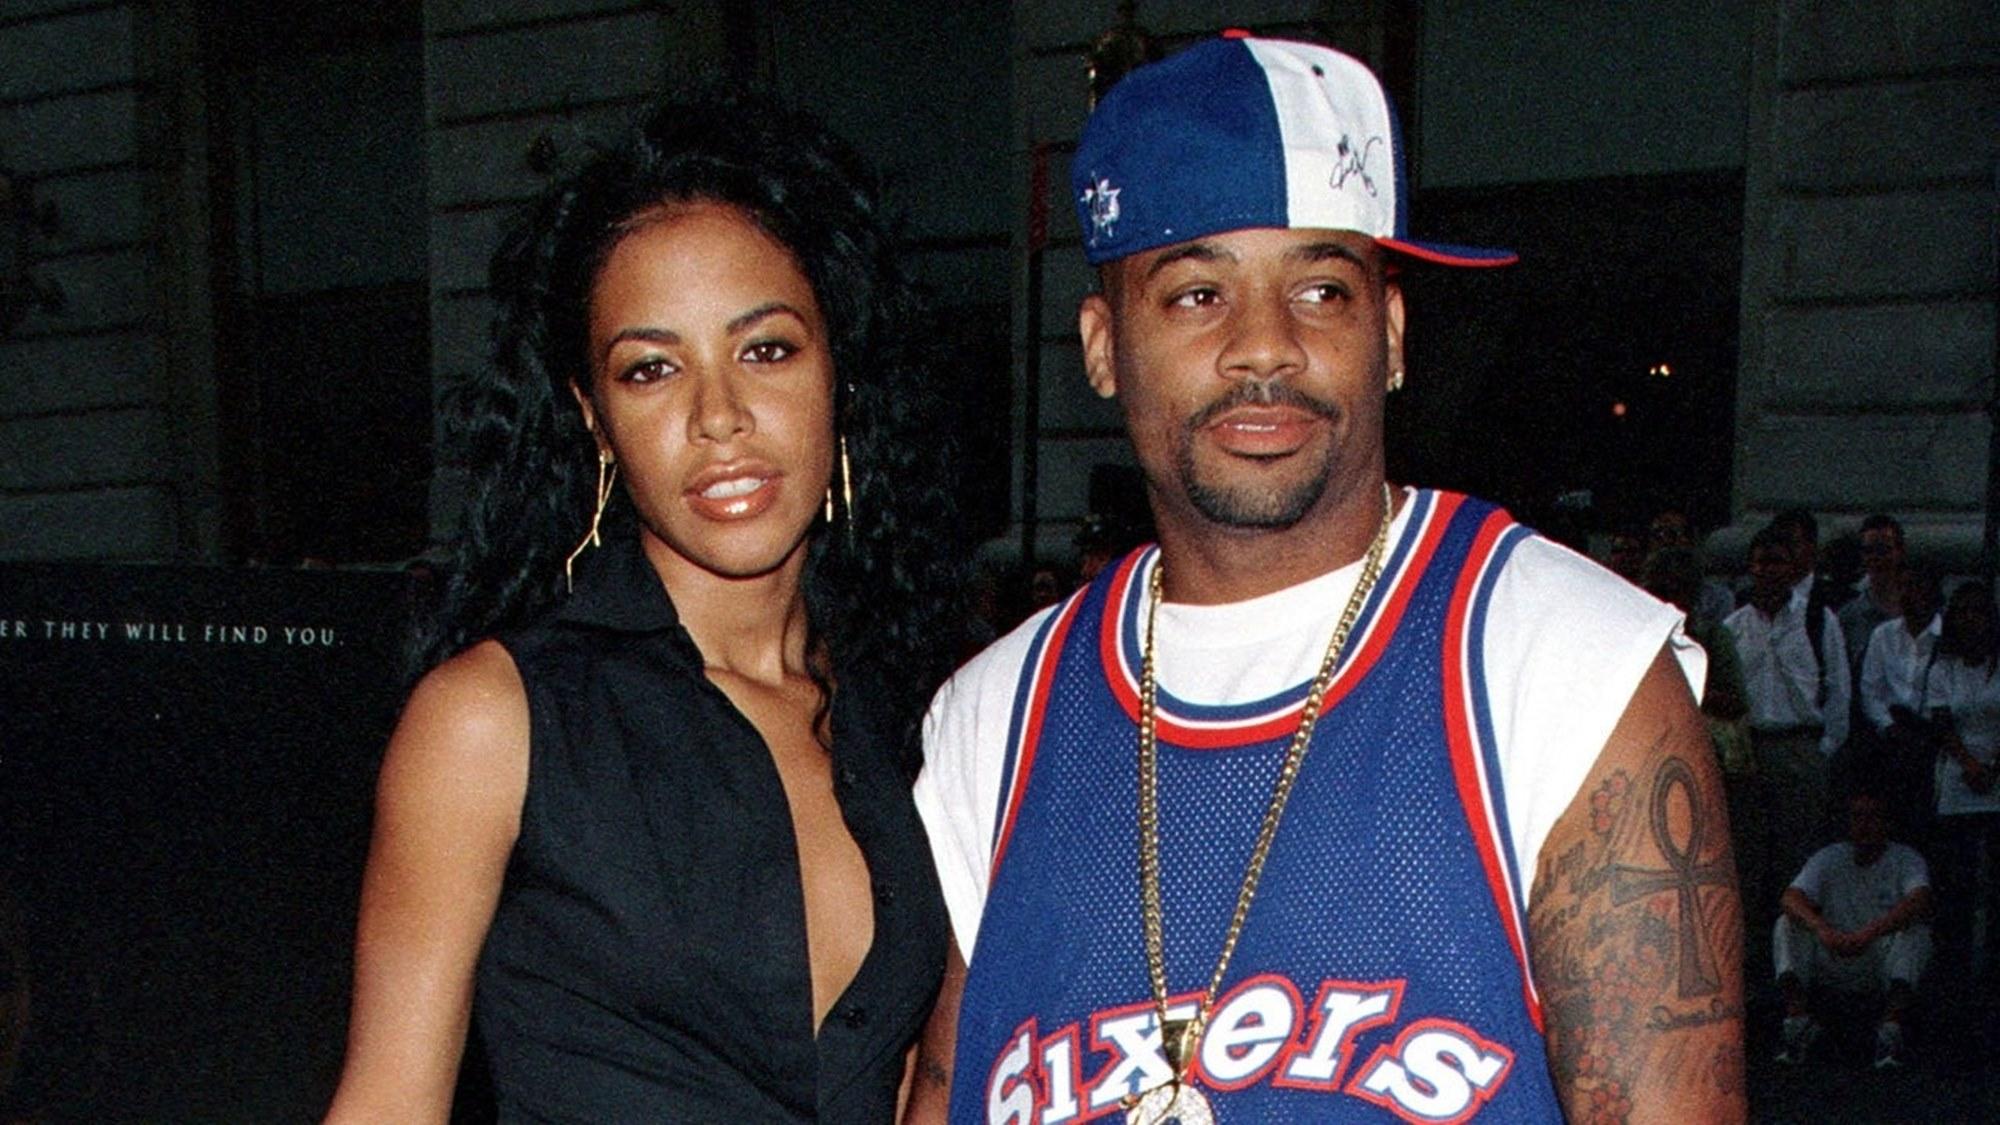 Aaliyah Dame Dash R. Kelly Lifetime